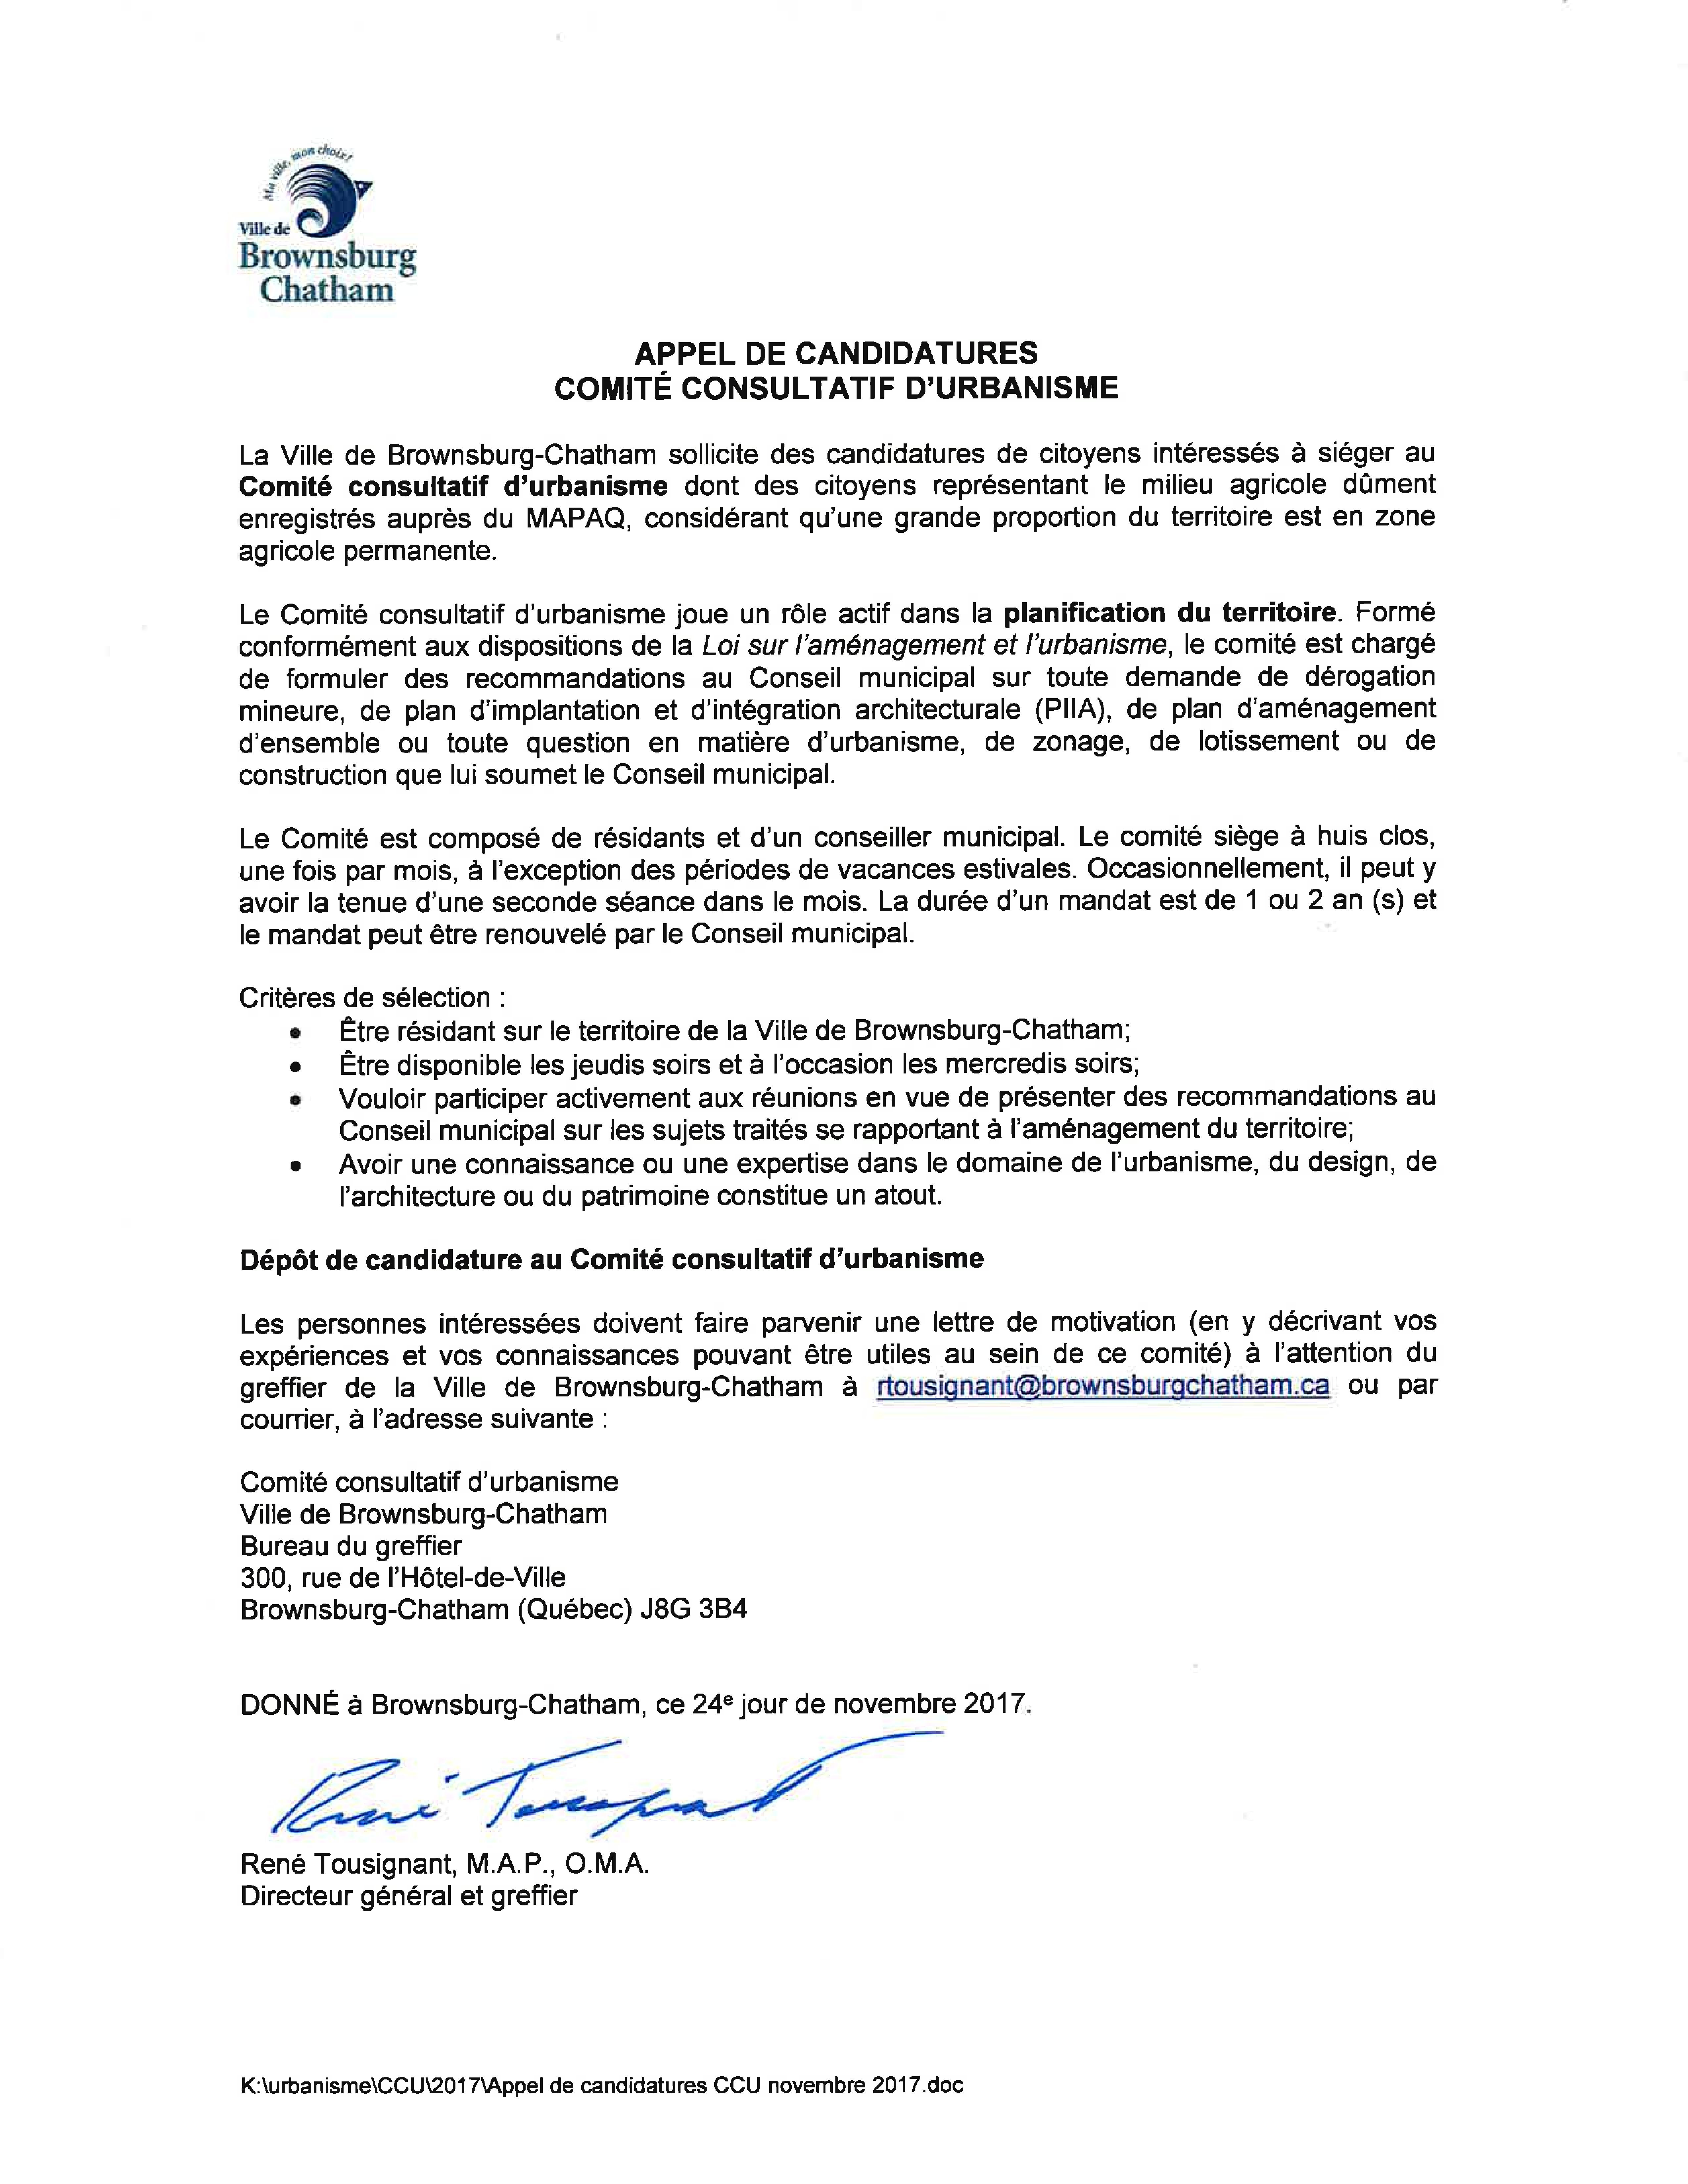 Appel de candidatures CCU - 24 novembre